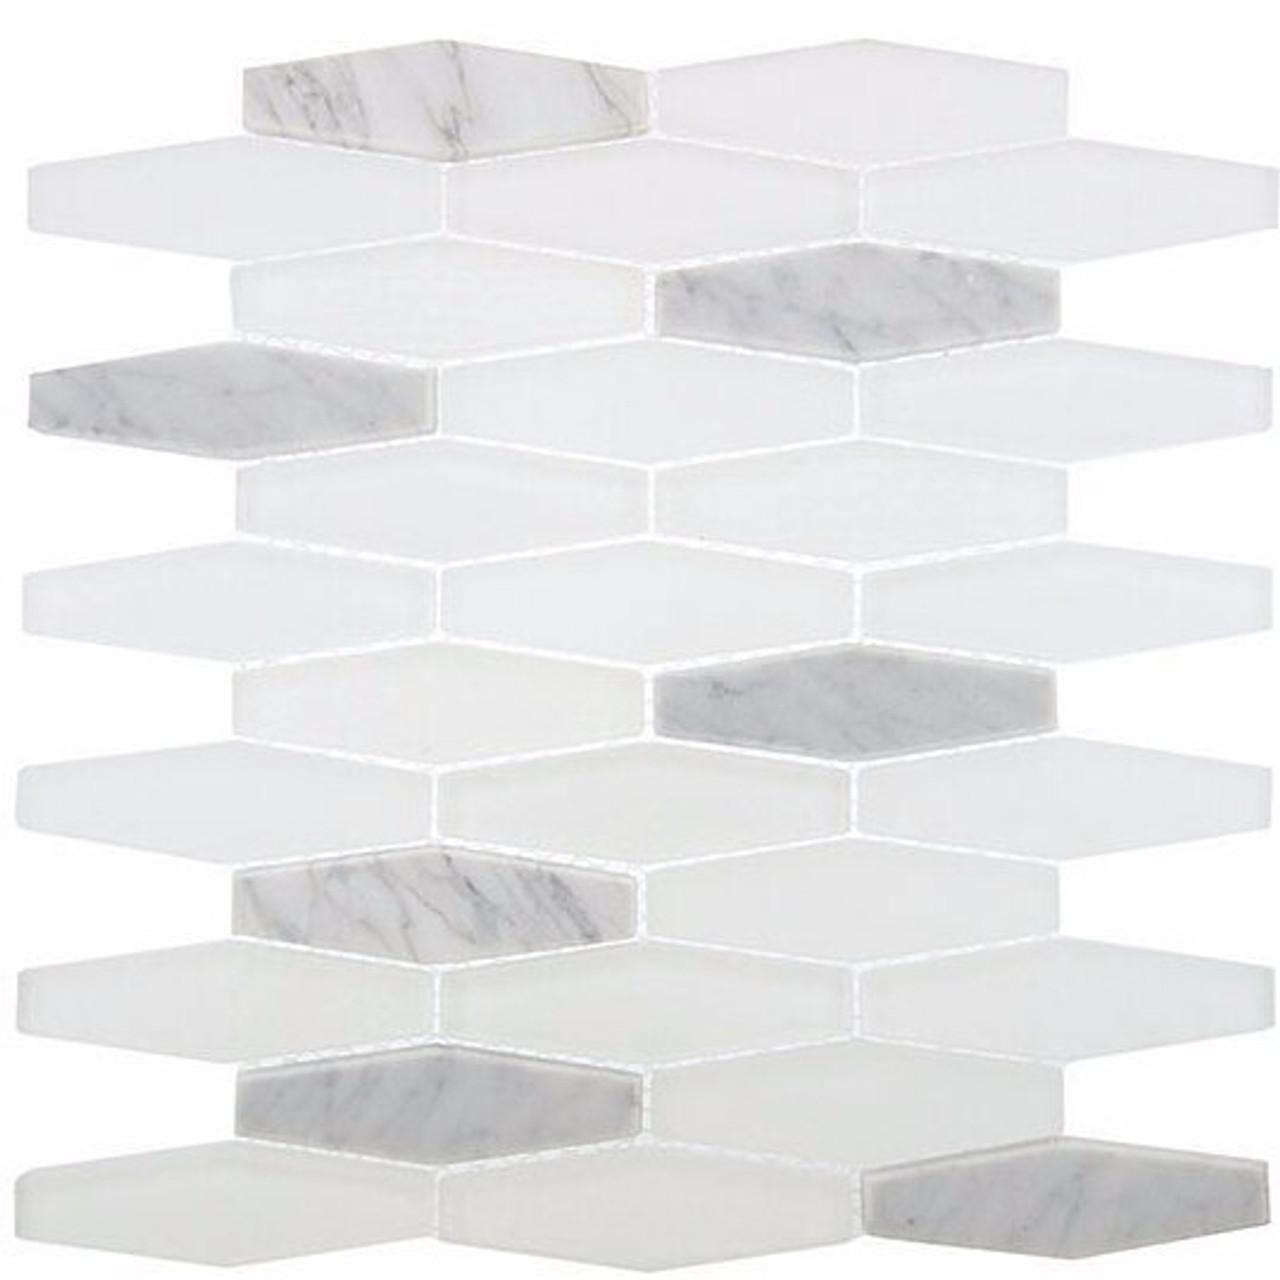 Bella Glass Tiles Astro Series Silver Scape